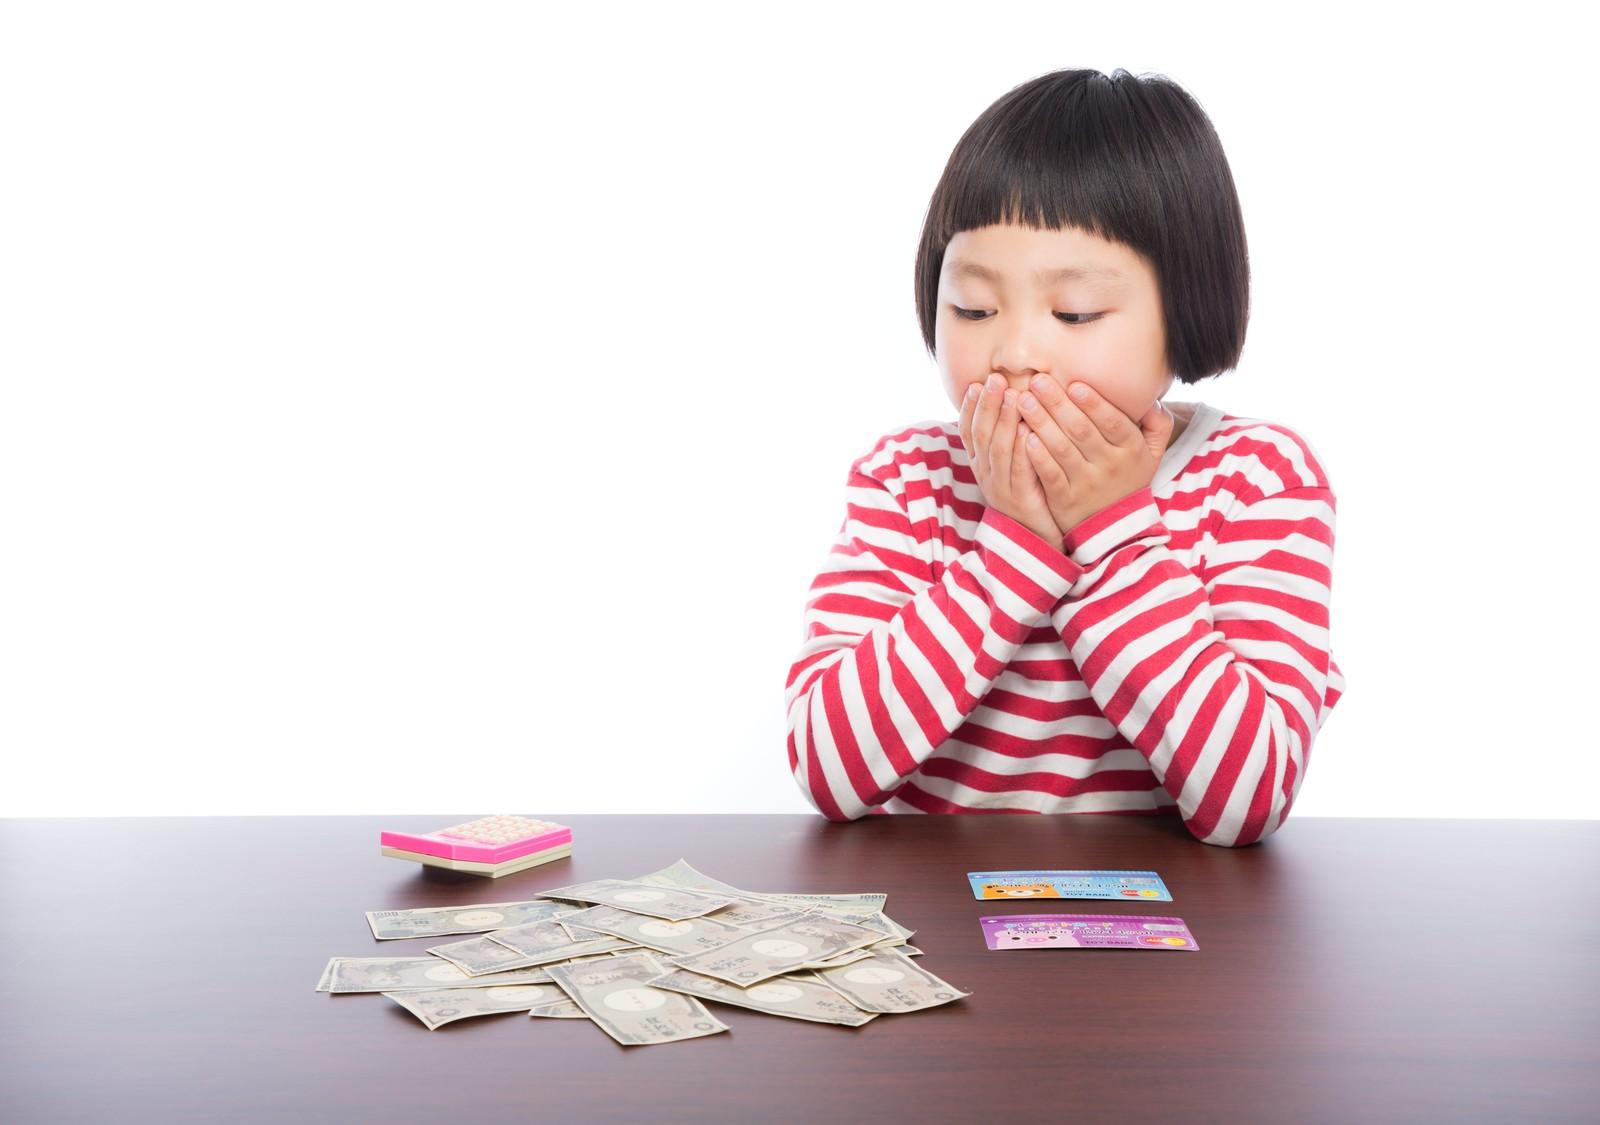 お金が貯まらなくてびっくりしている女の子